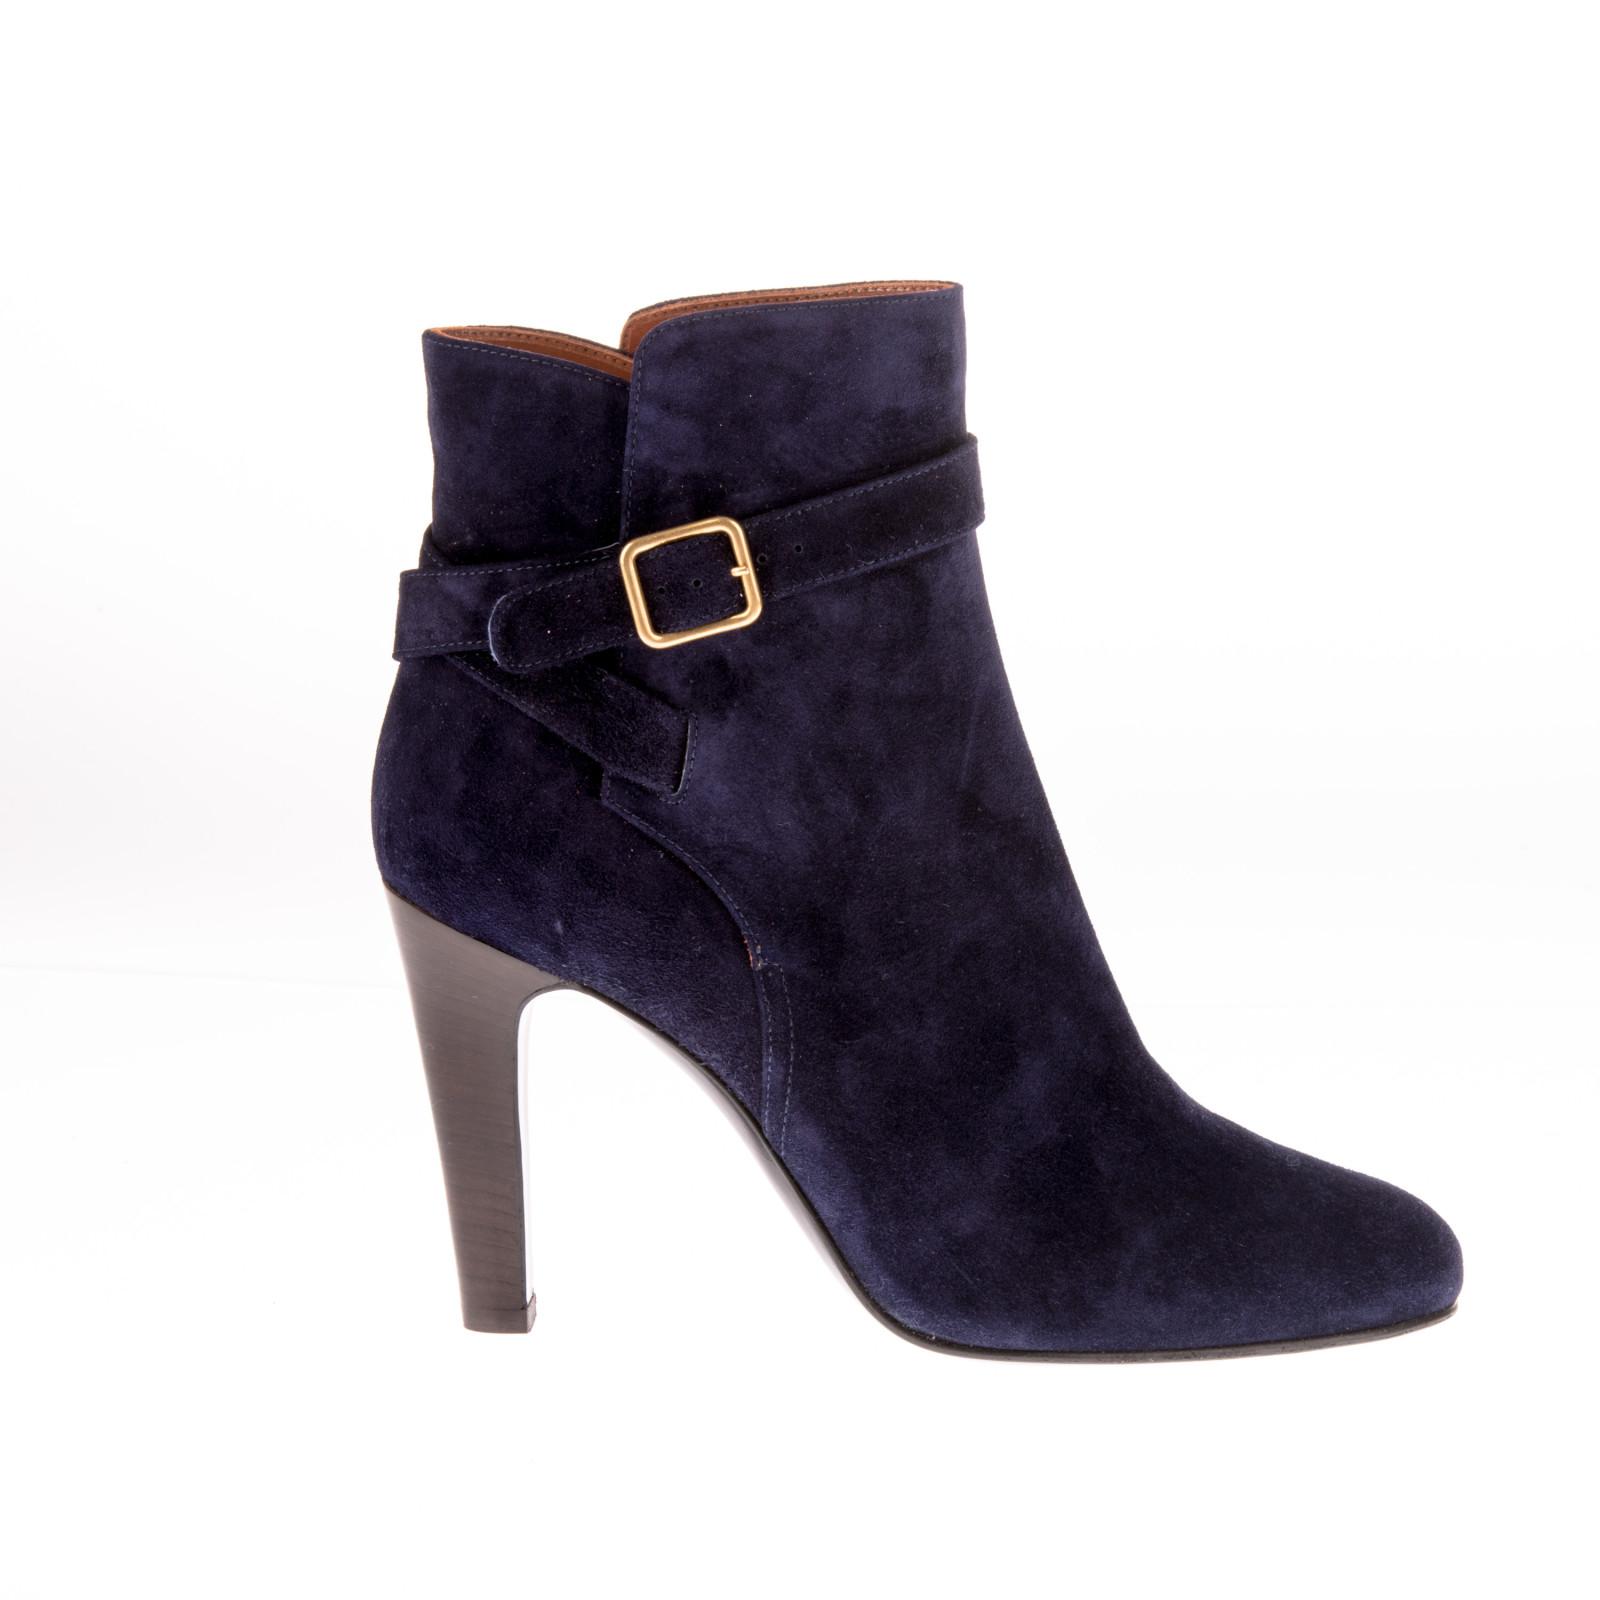 michel vivien shop blue suede heeled ankle